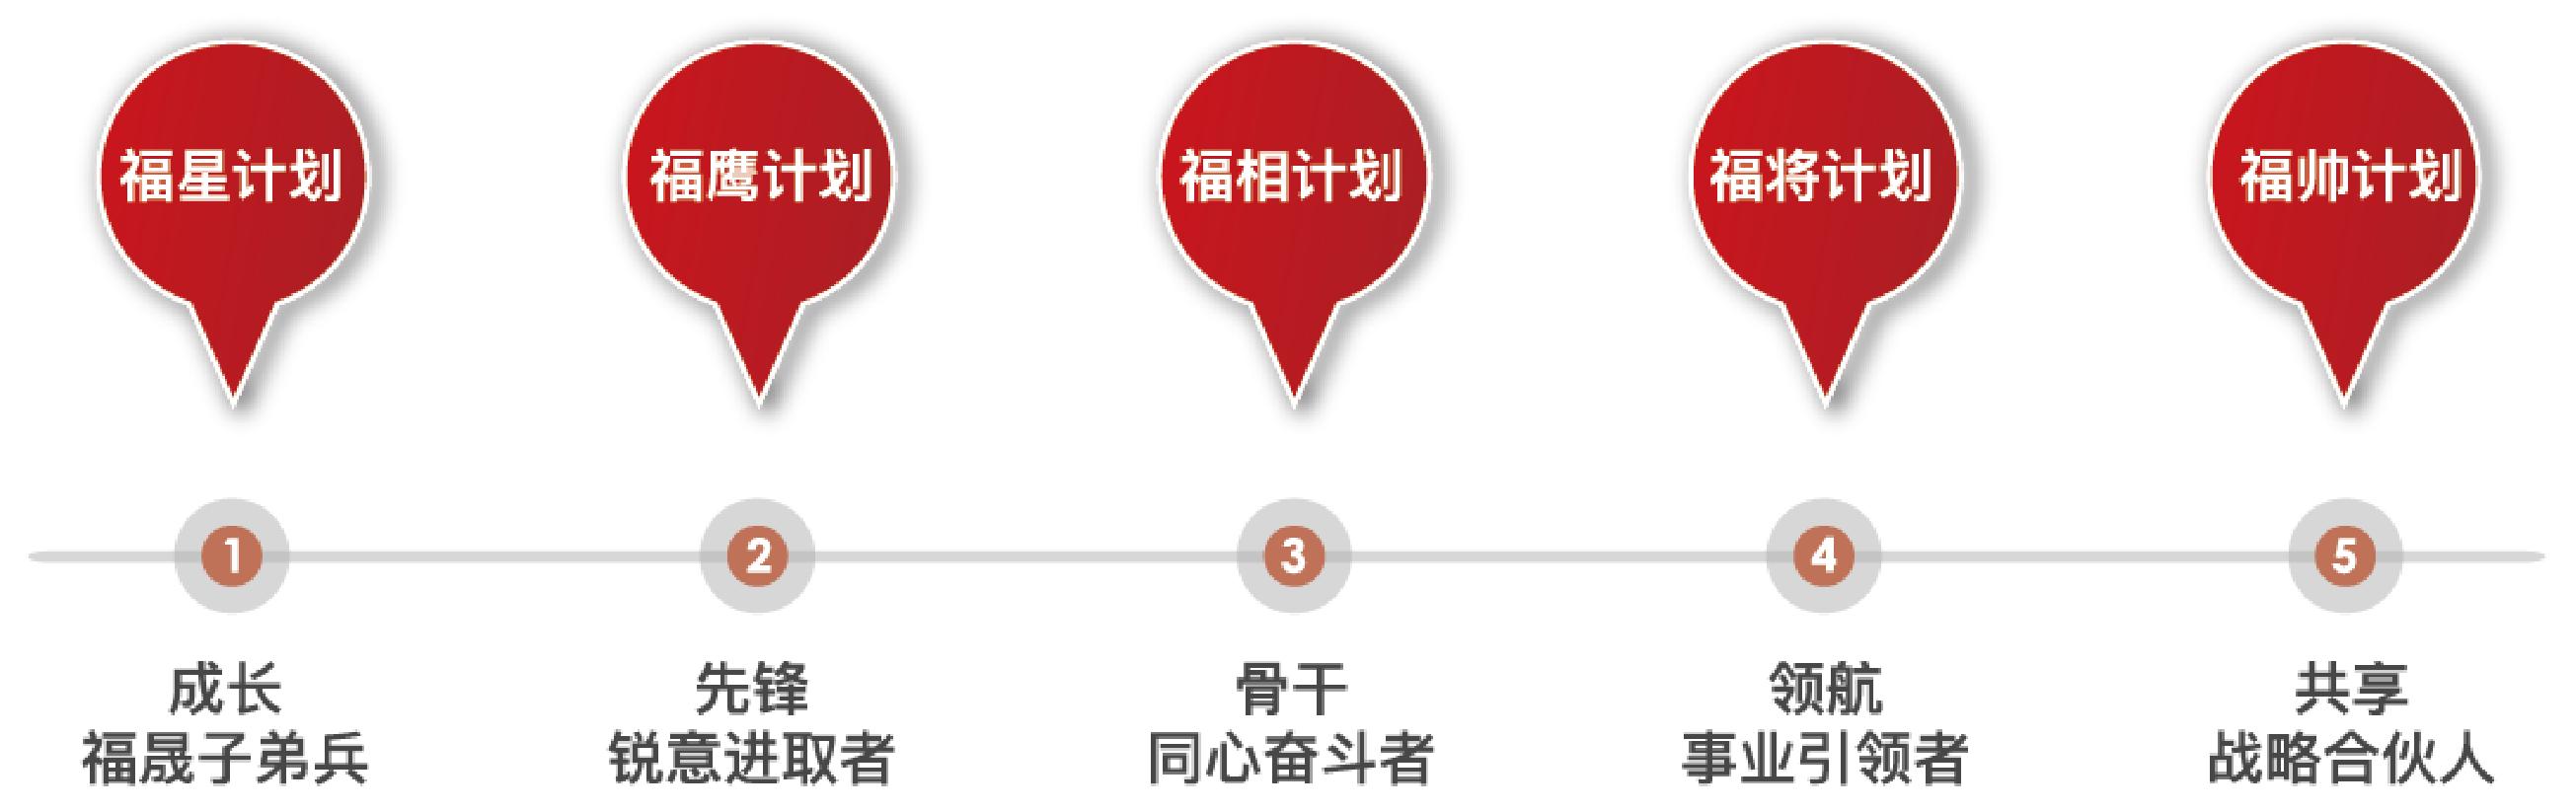 8-福晟五福人才培养体系.png